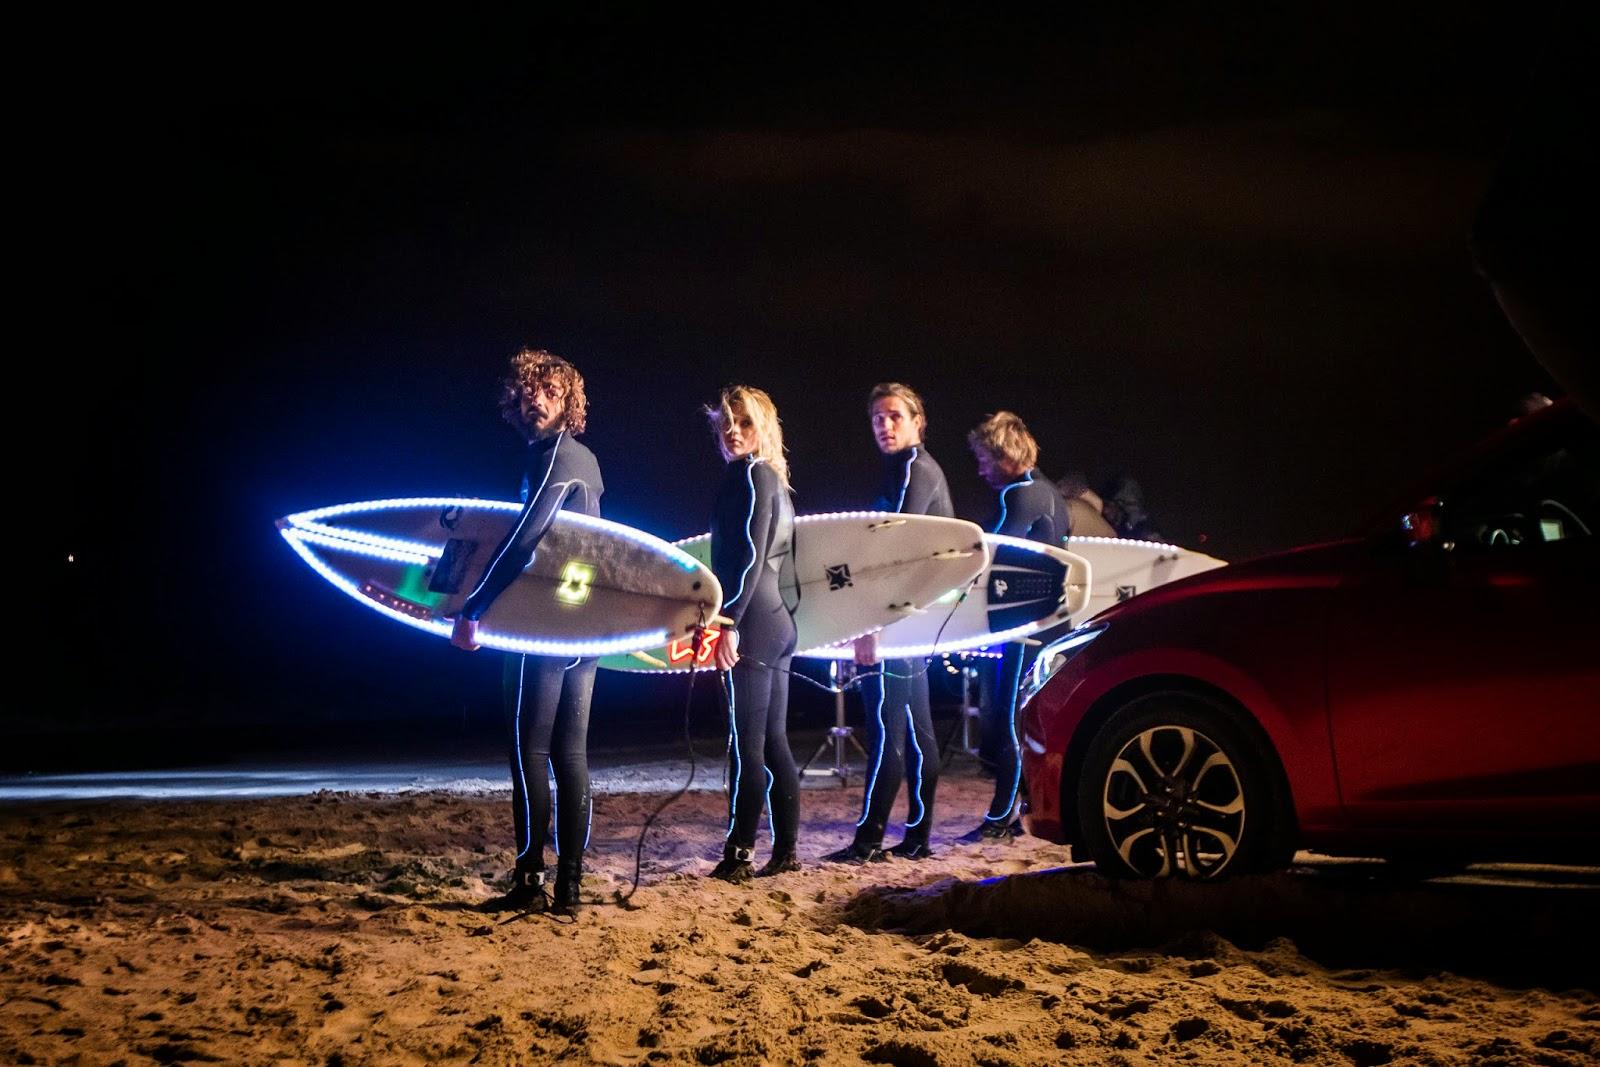 Laura Crane Recording For Mazda SURF Slab - Wsl mazda